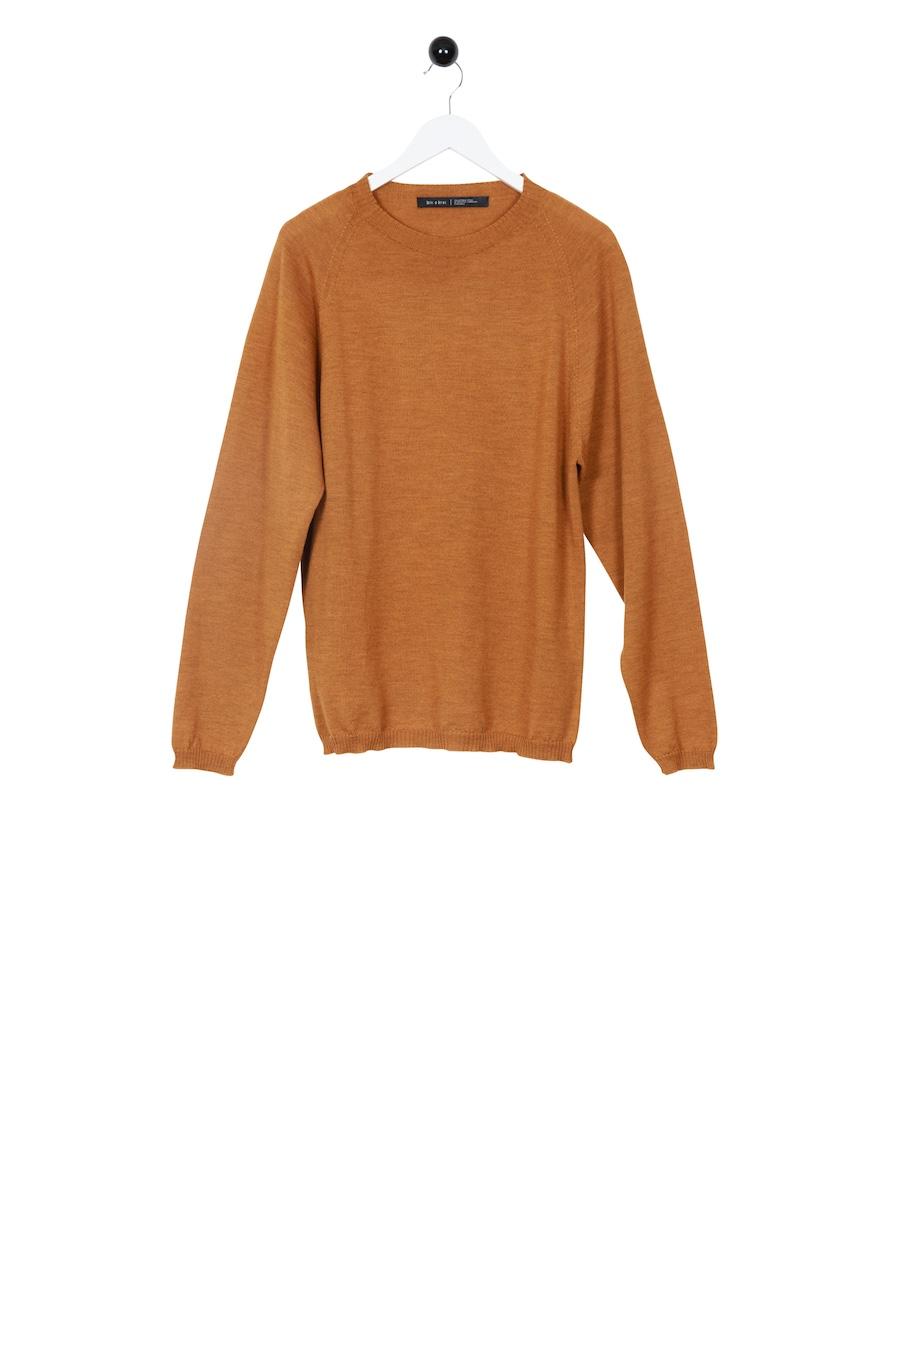 Eilean Sweater